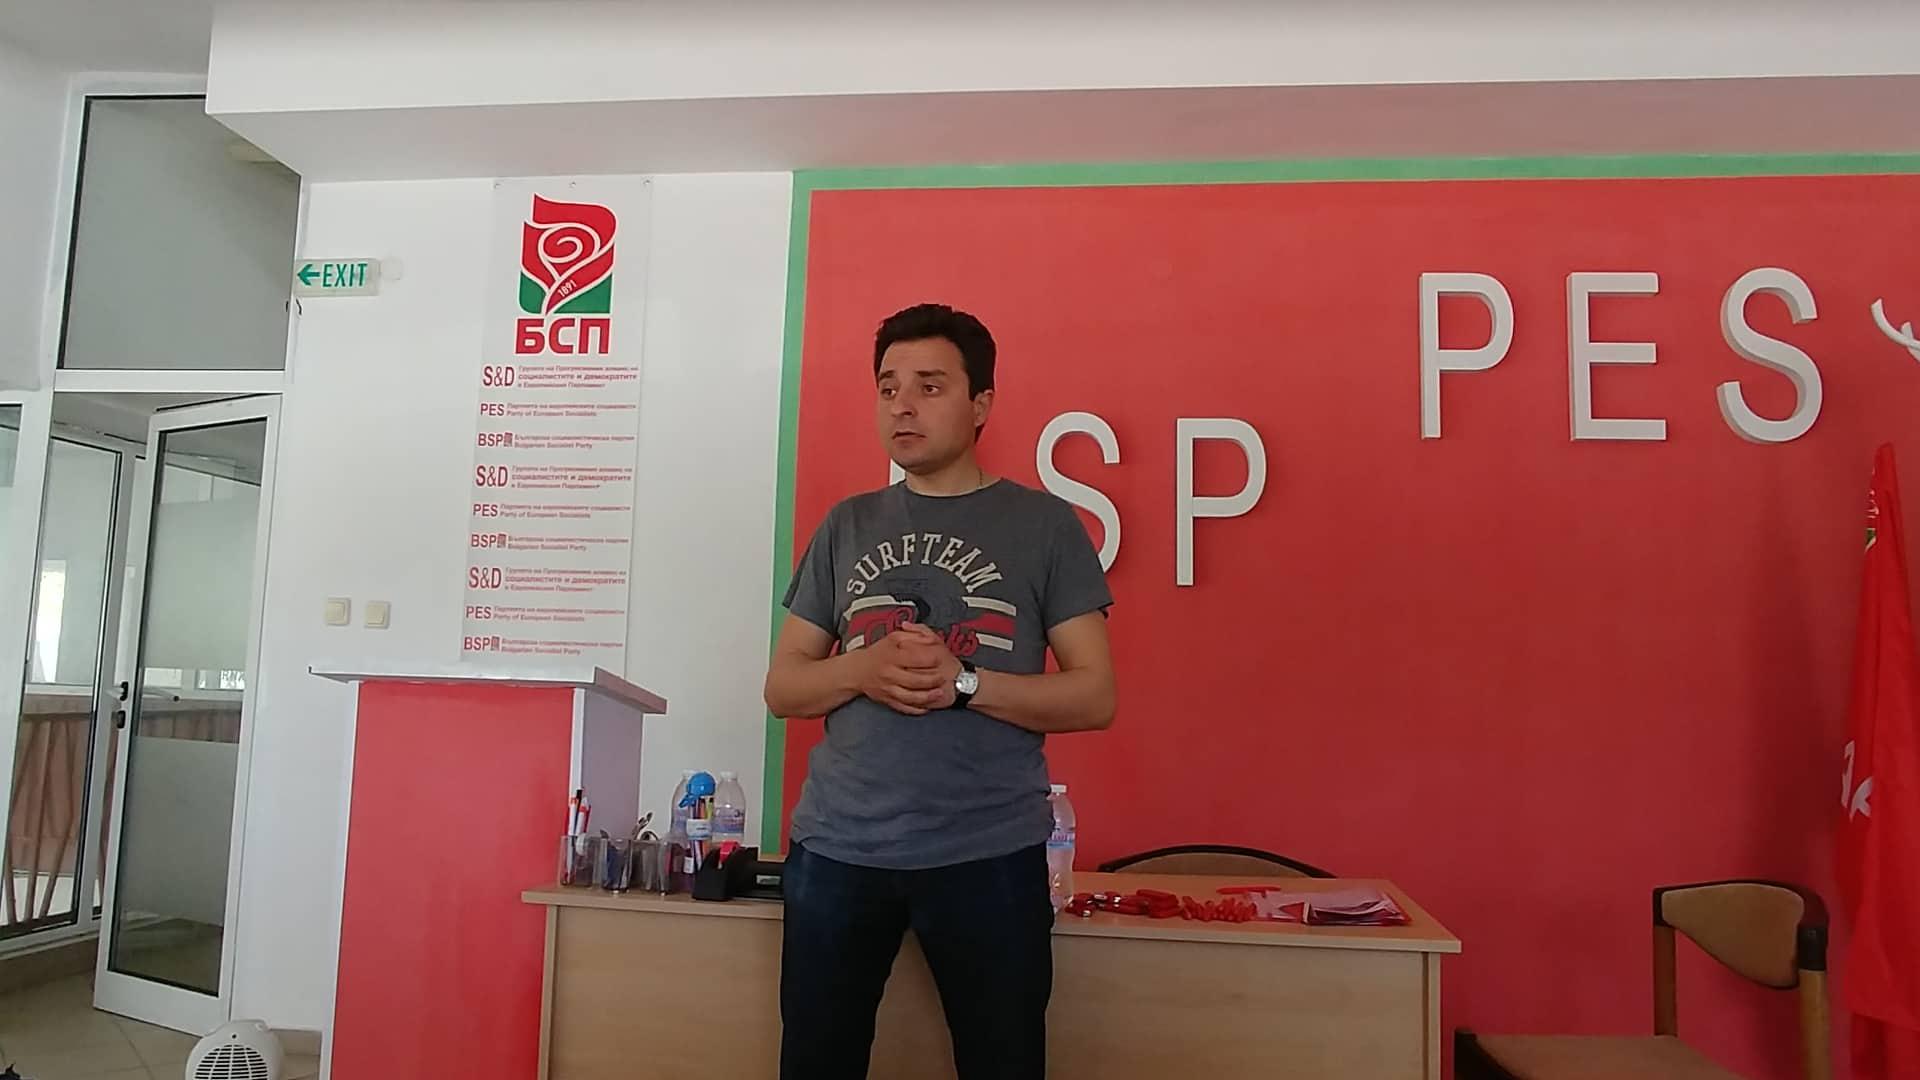 Димитър Данчев: Важно е да се гласува на евроизборите, за да се промени както България, така и Европа